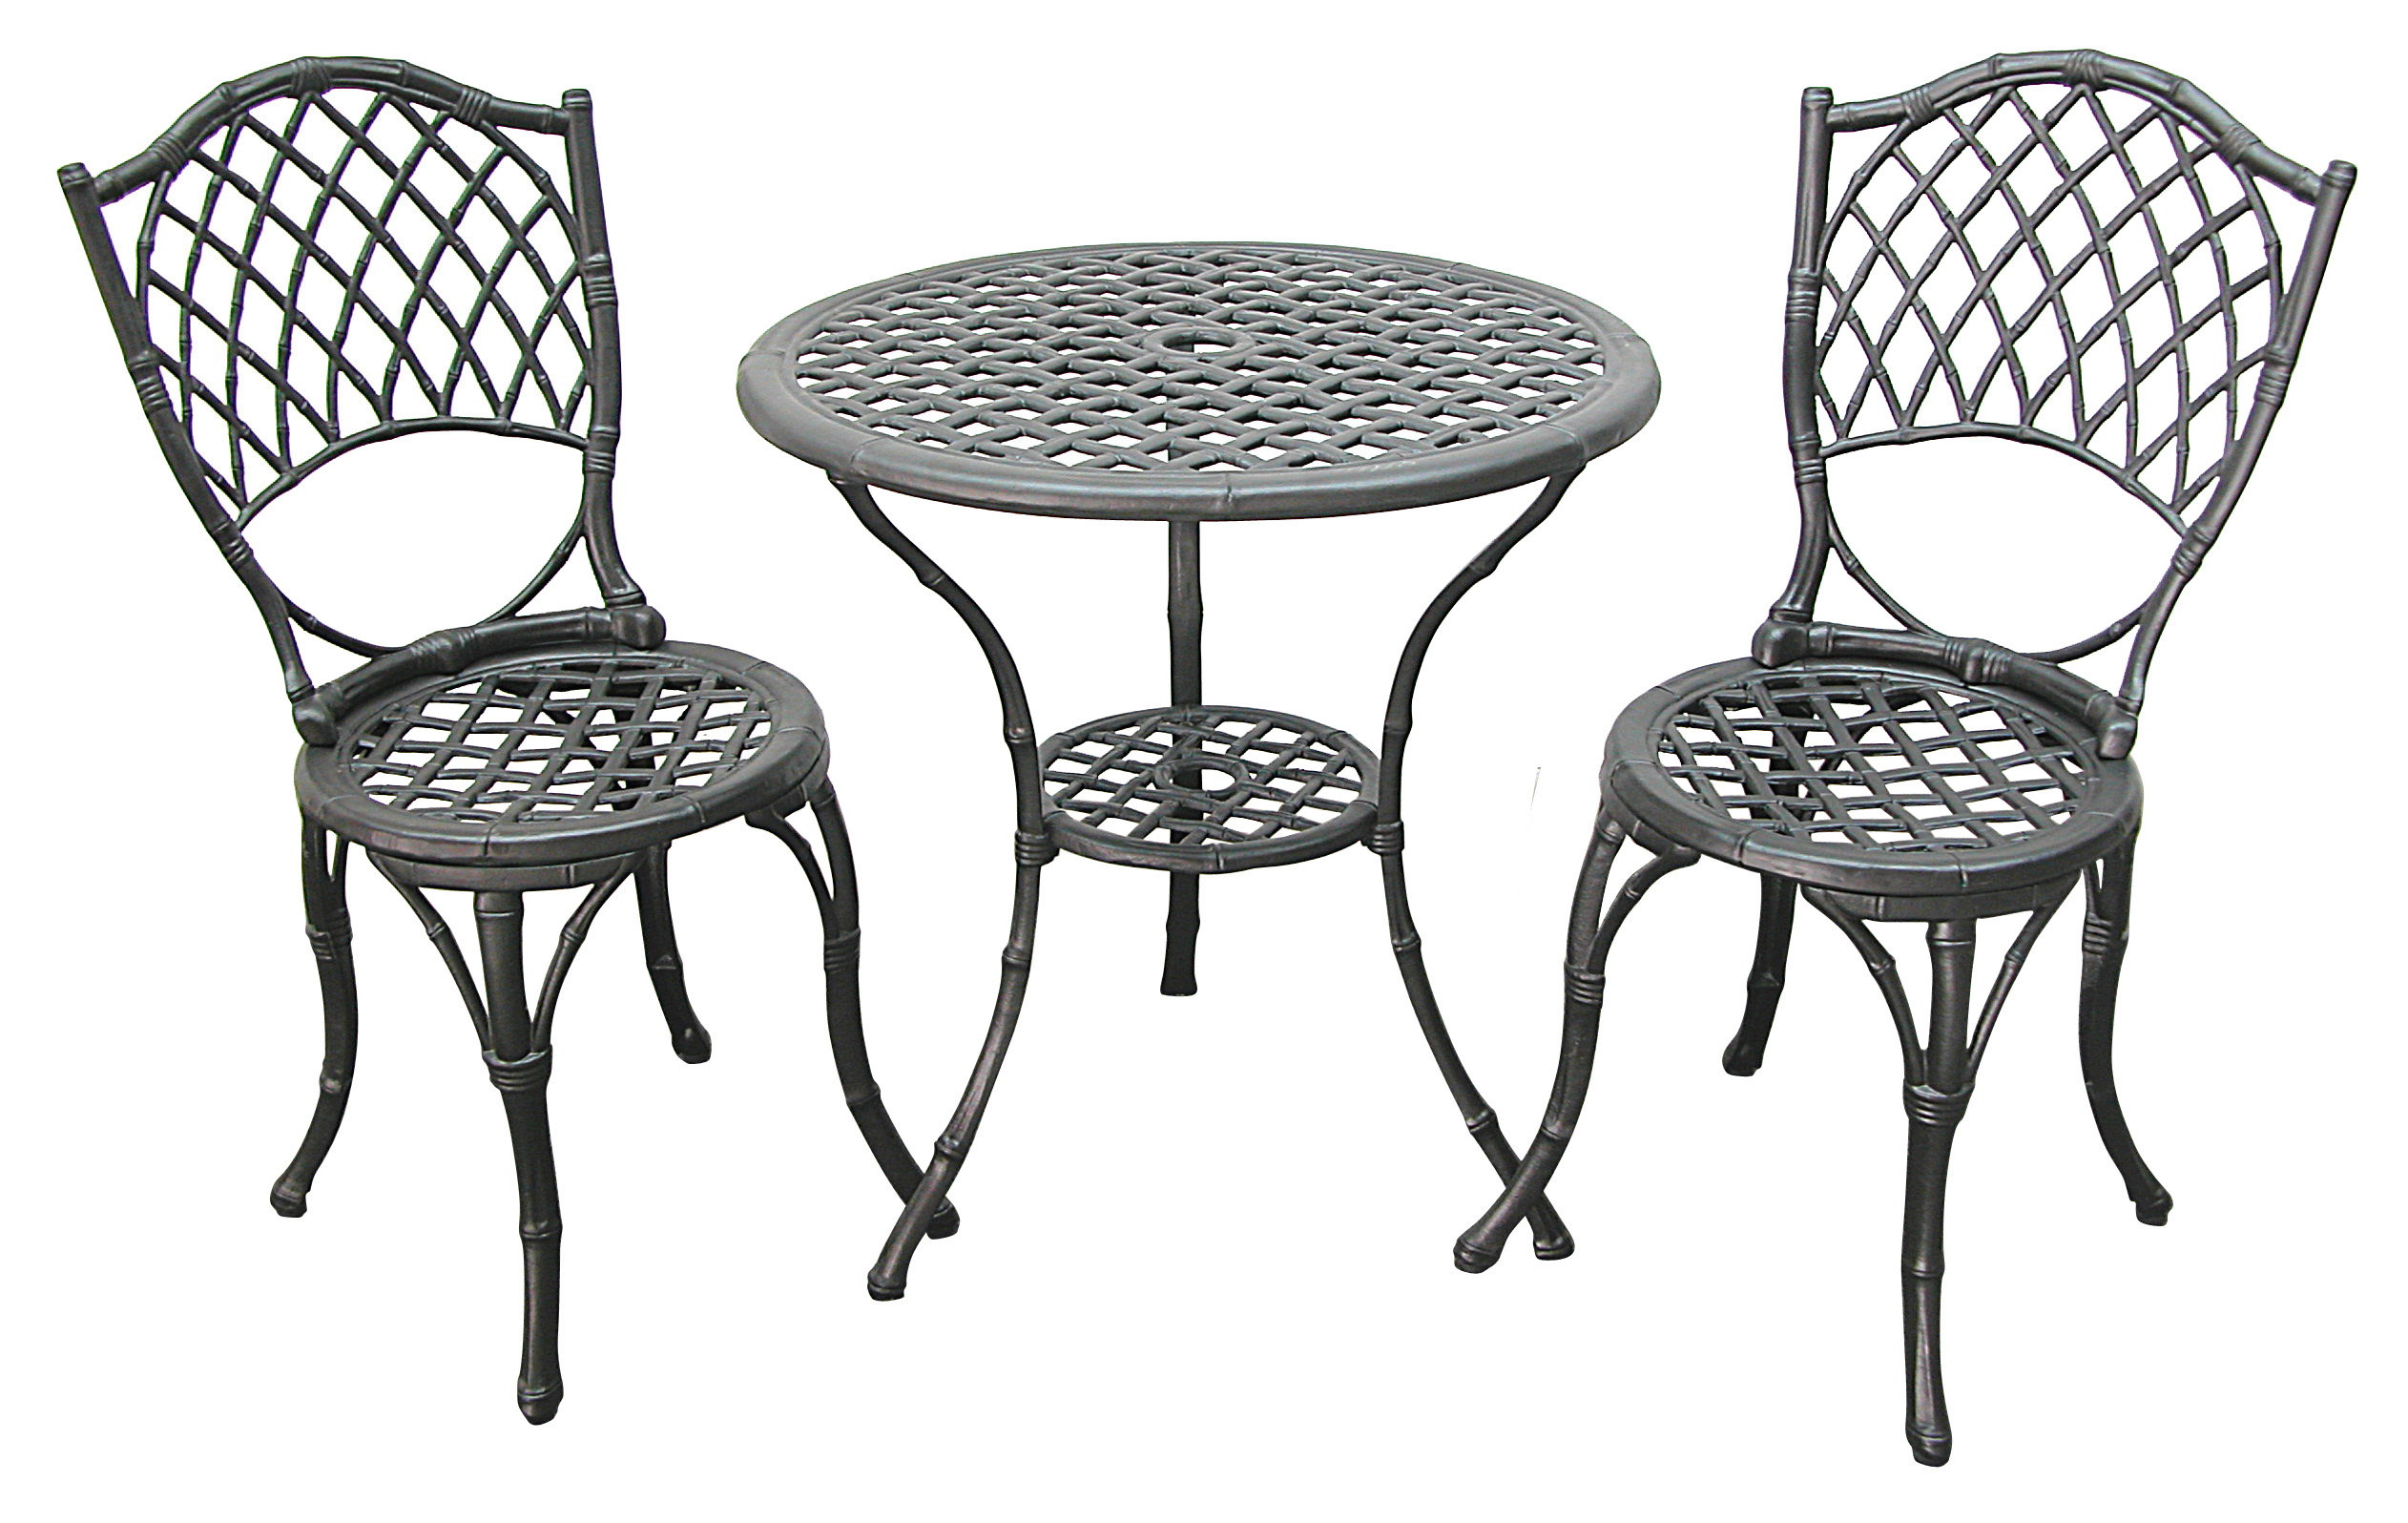 Patio Furniture Bistro Set Cast Aluminum Iron Black Bamboo